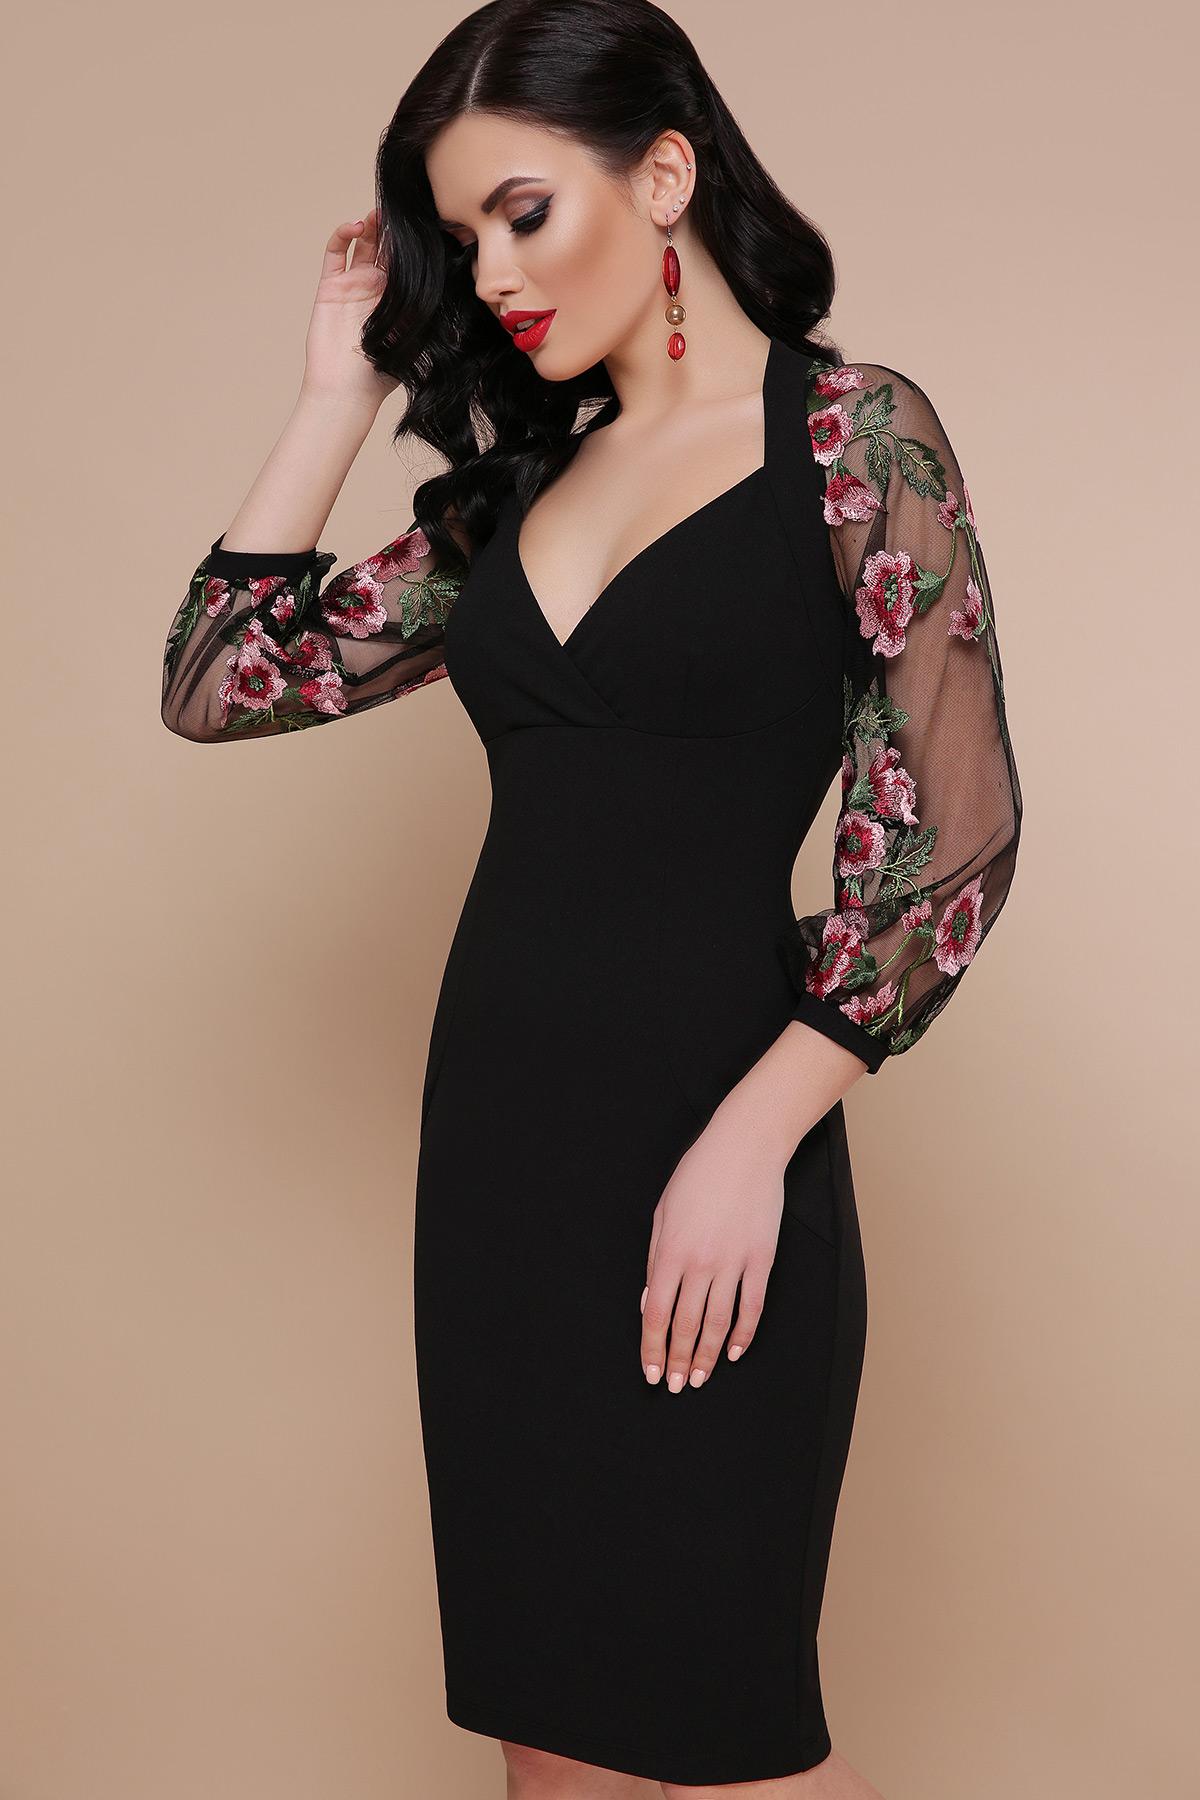 3a001bd39d4f91 черное платье с вышивкой. платье Флоренция В д/р. Цвет: черный